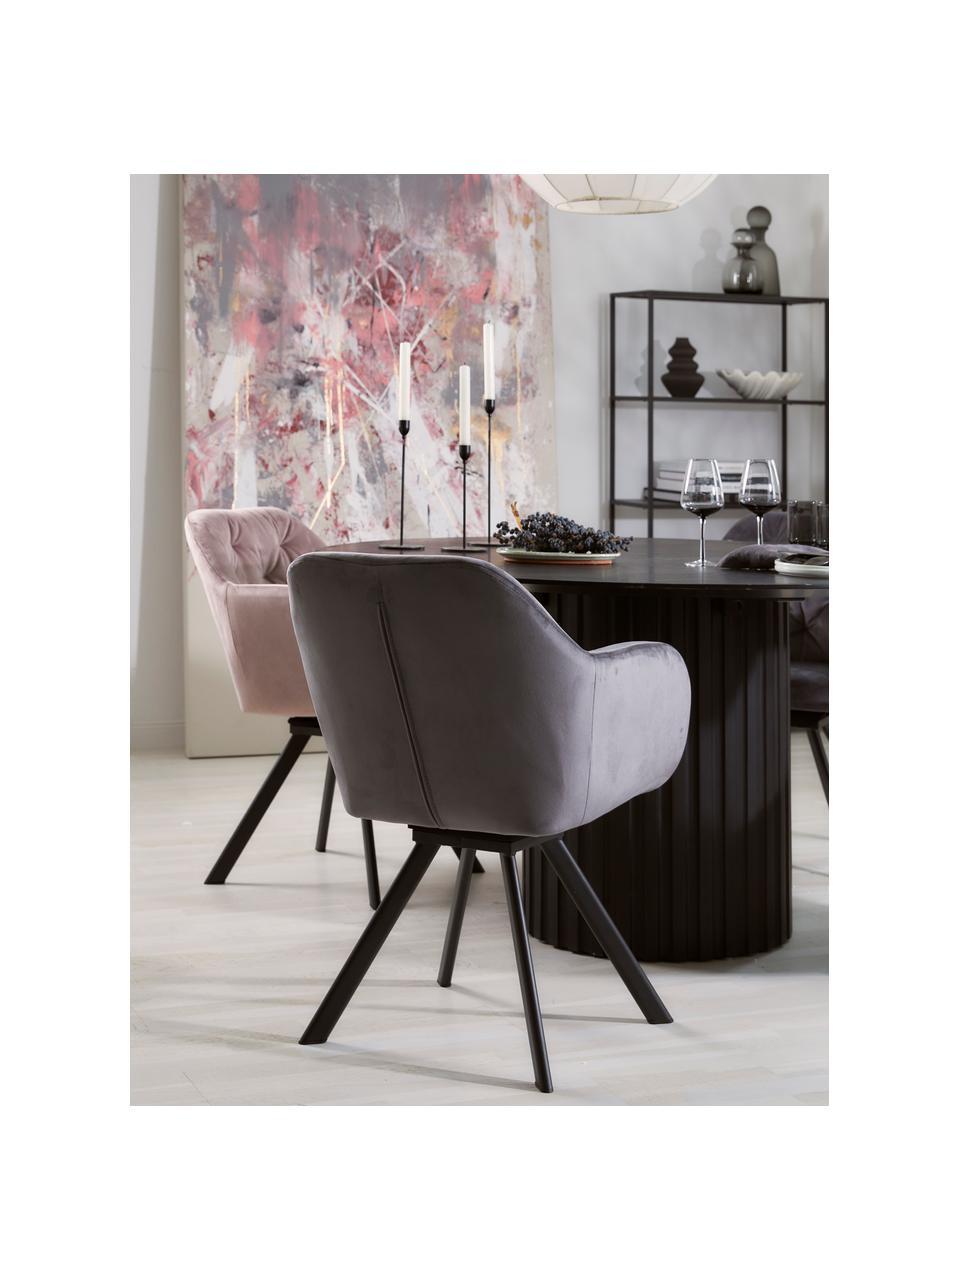 Fluwelen armstoel Lola, Bekleding: polyester fluweel, Poten: gepoedercoat metaal, Donkergrijs, zwart, B 58 x D 62 cm